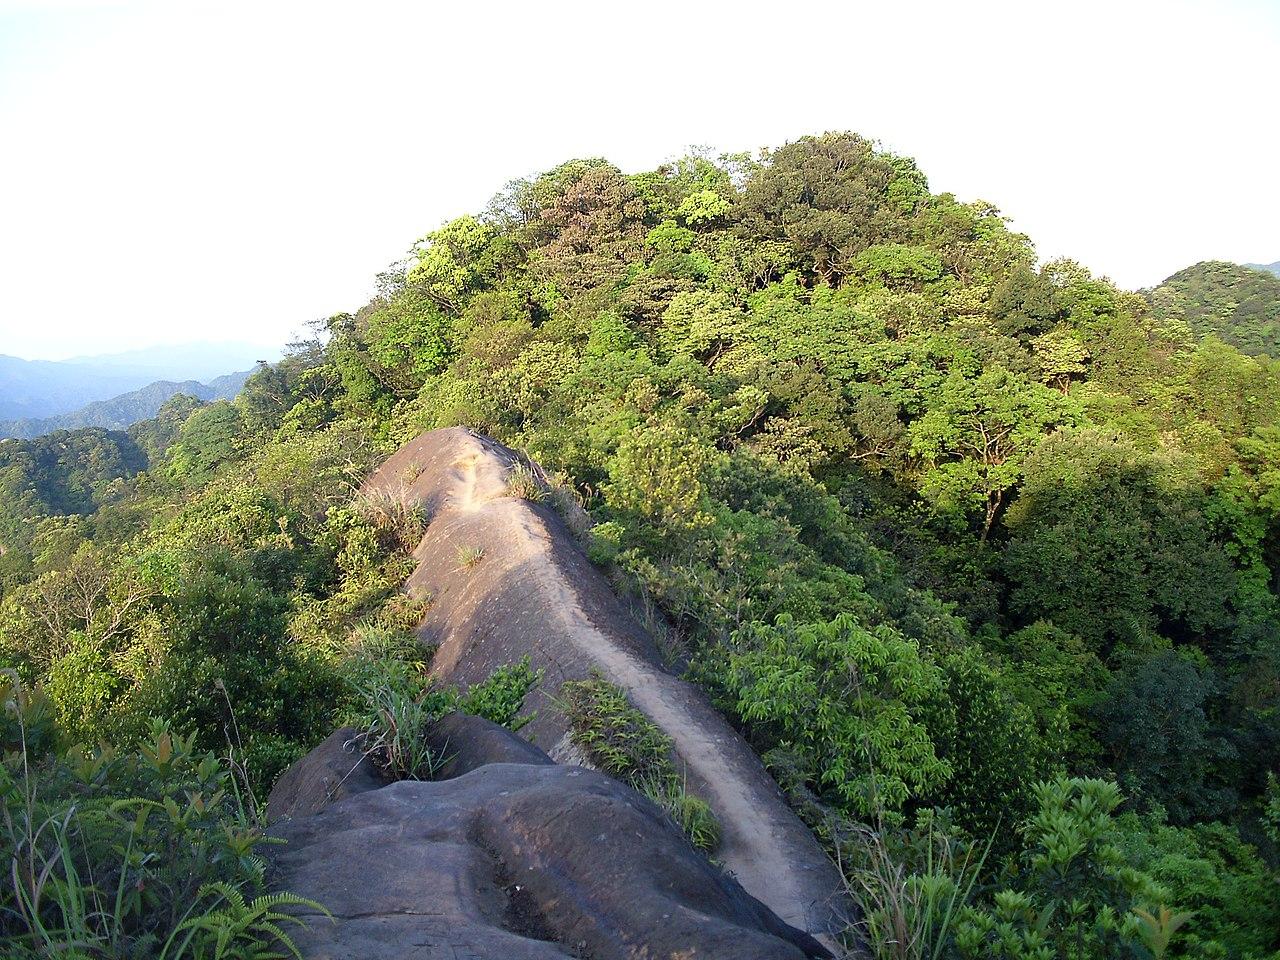 山脊稜線上飽覽美景!遊走「皇帝殿」 登山新手入門級挑戰場地